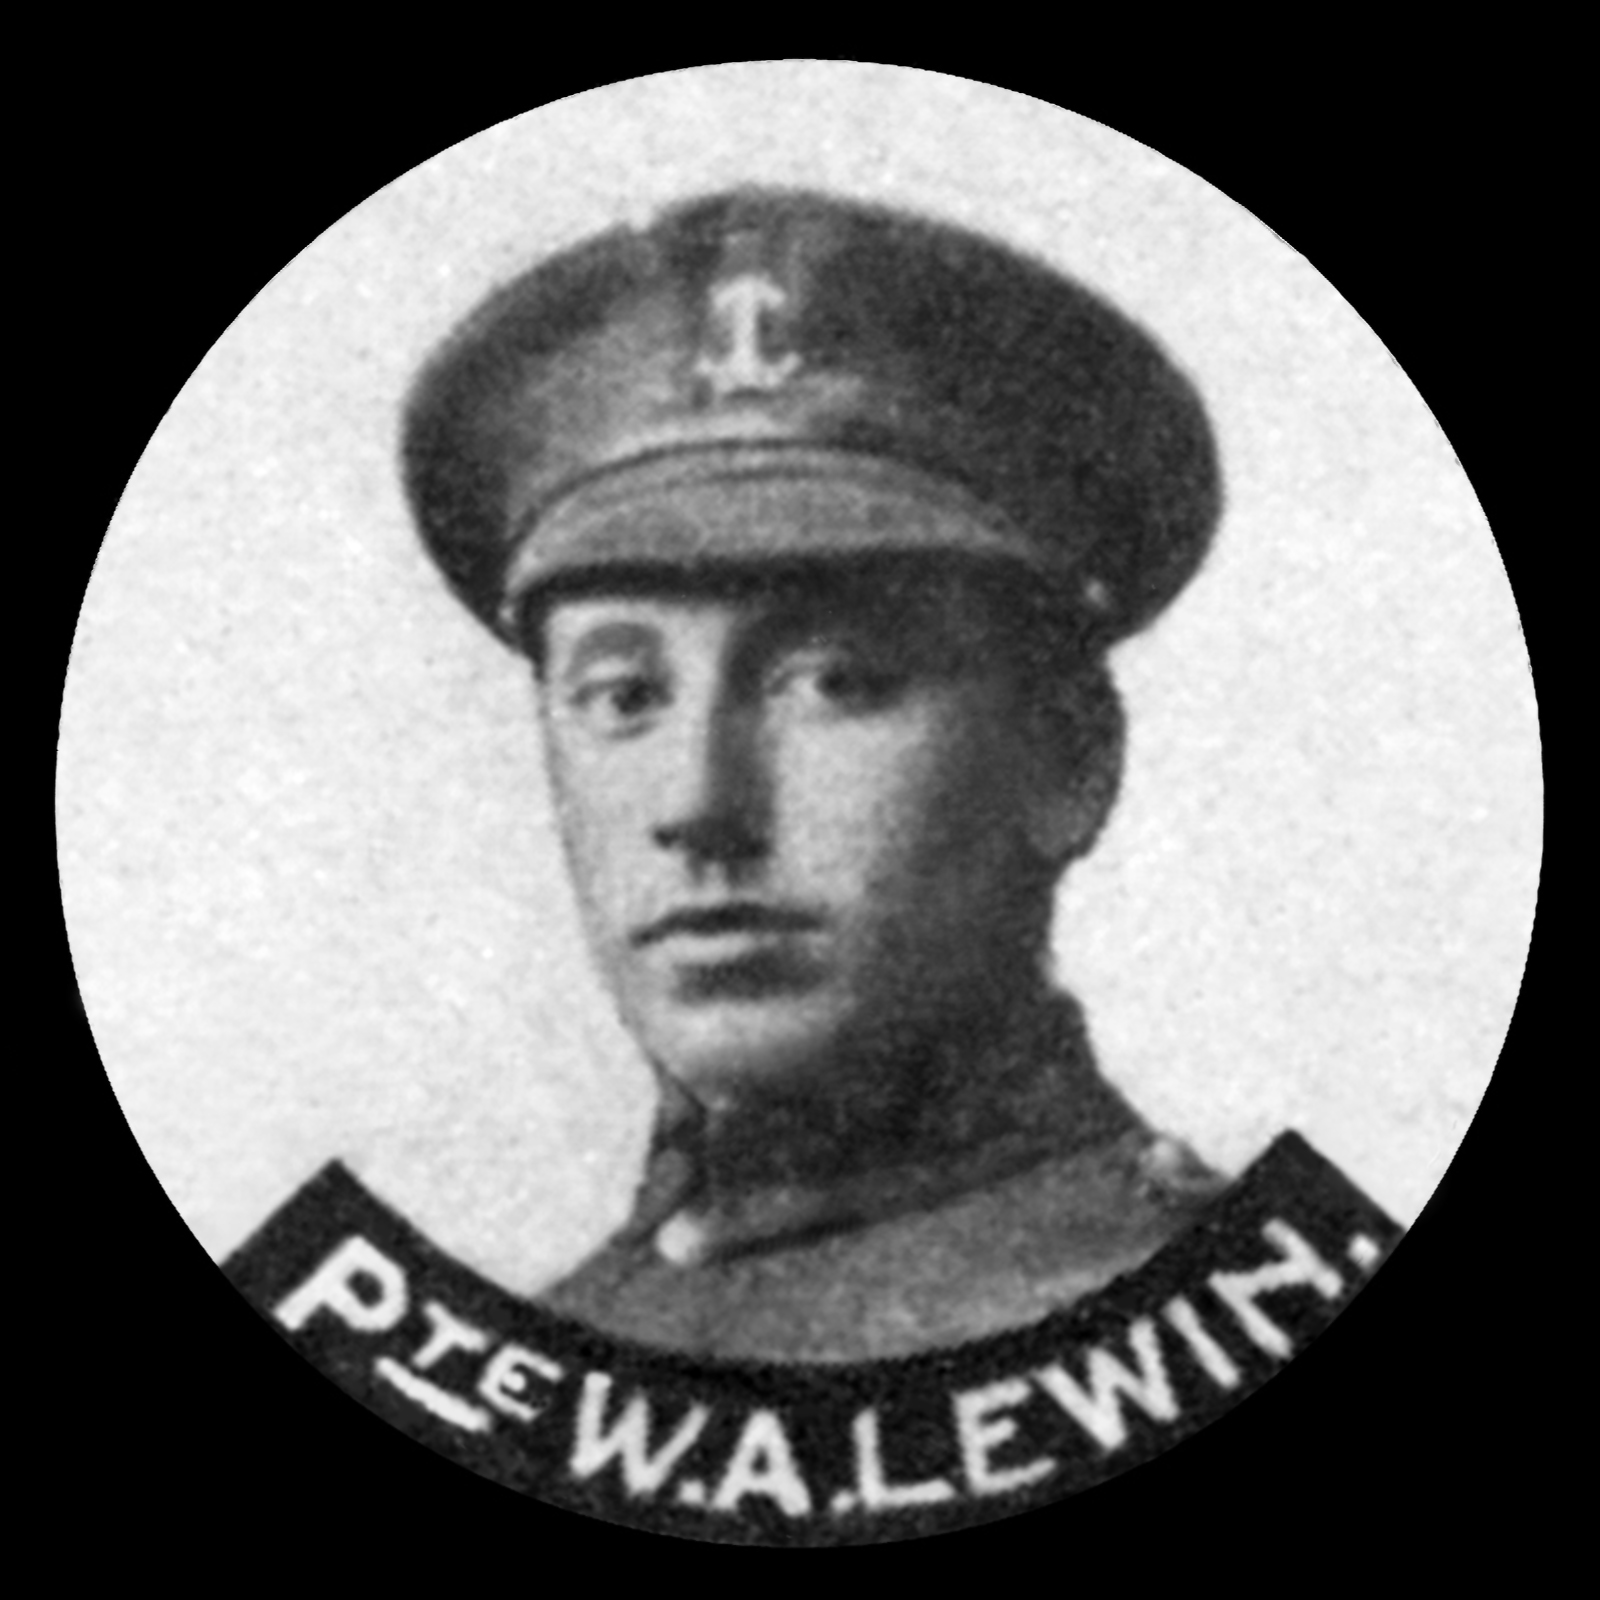 LEWIN Walter Albert